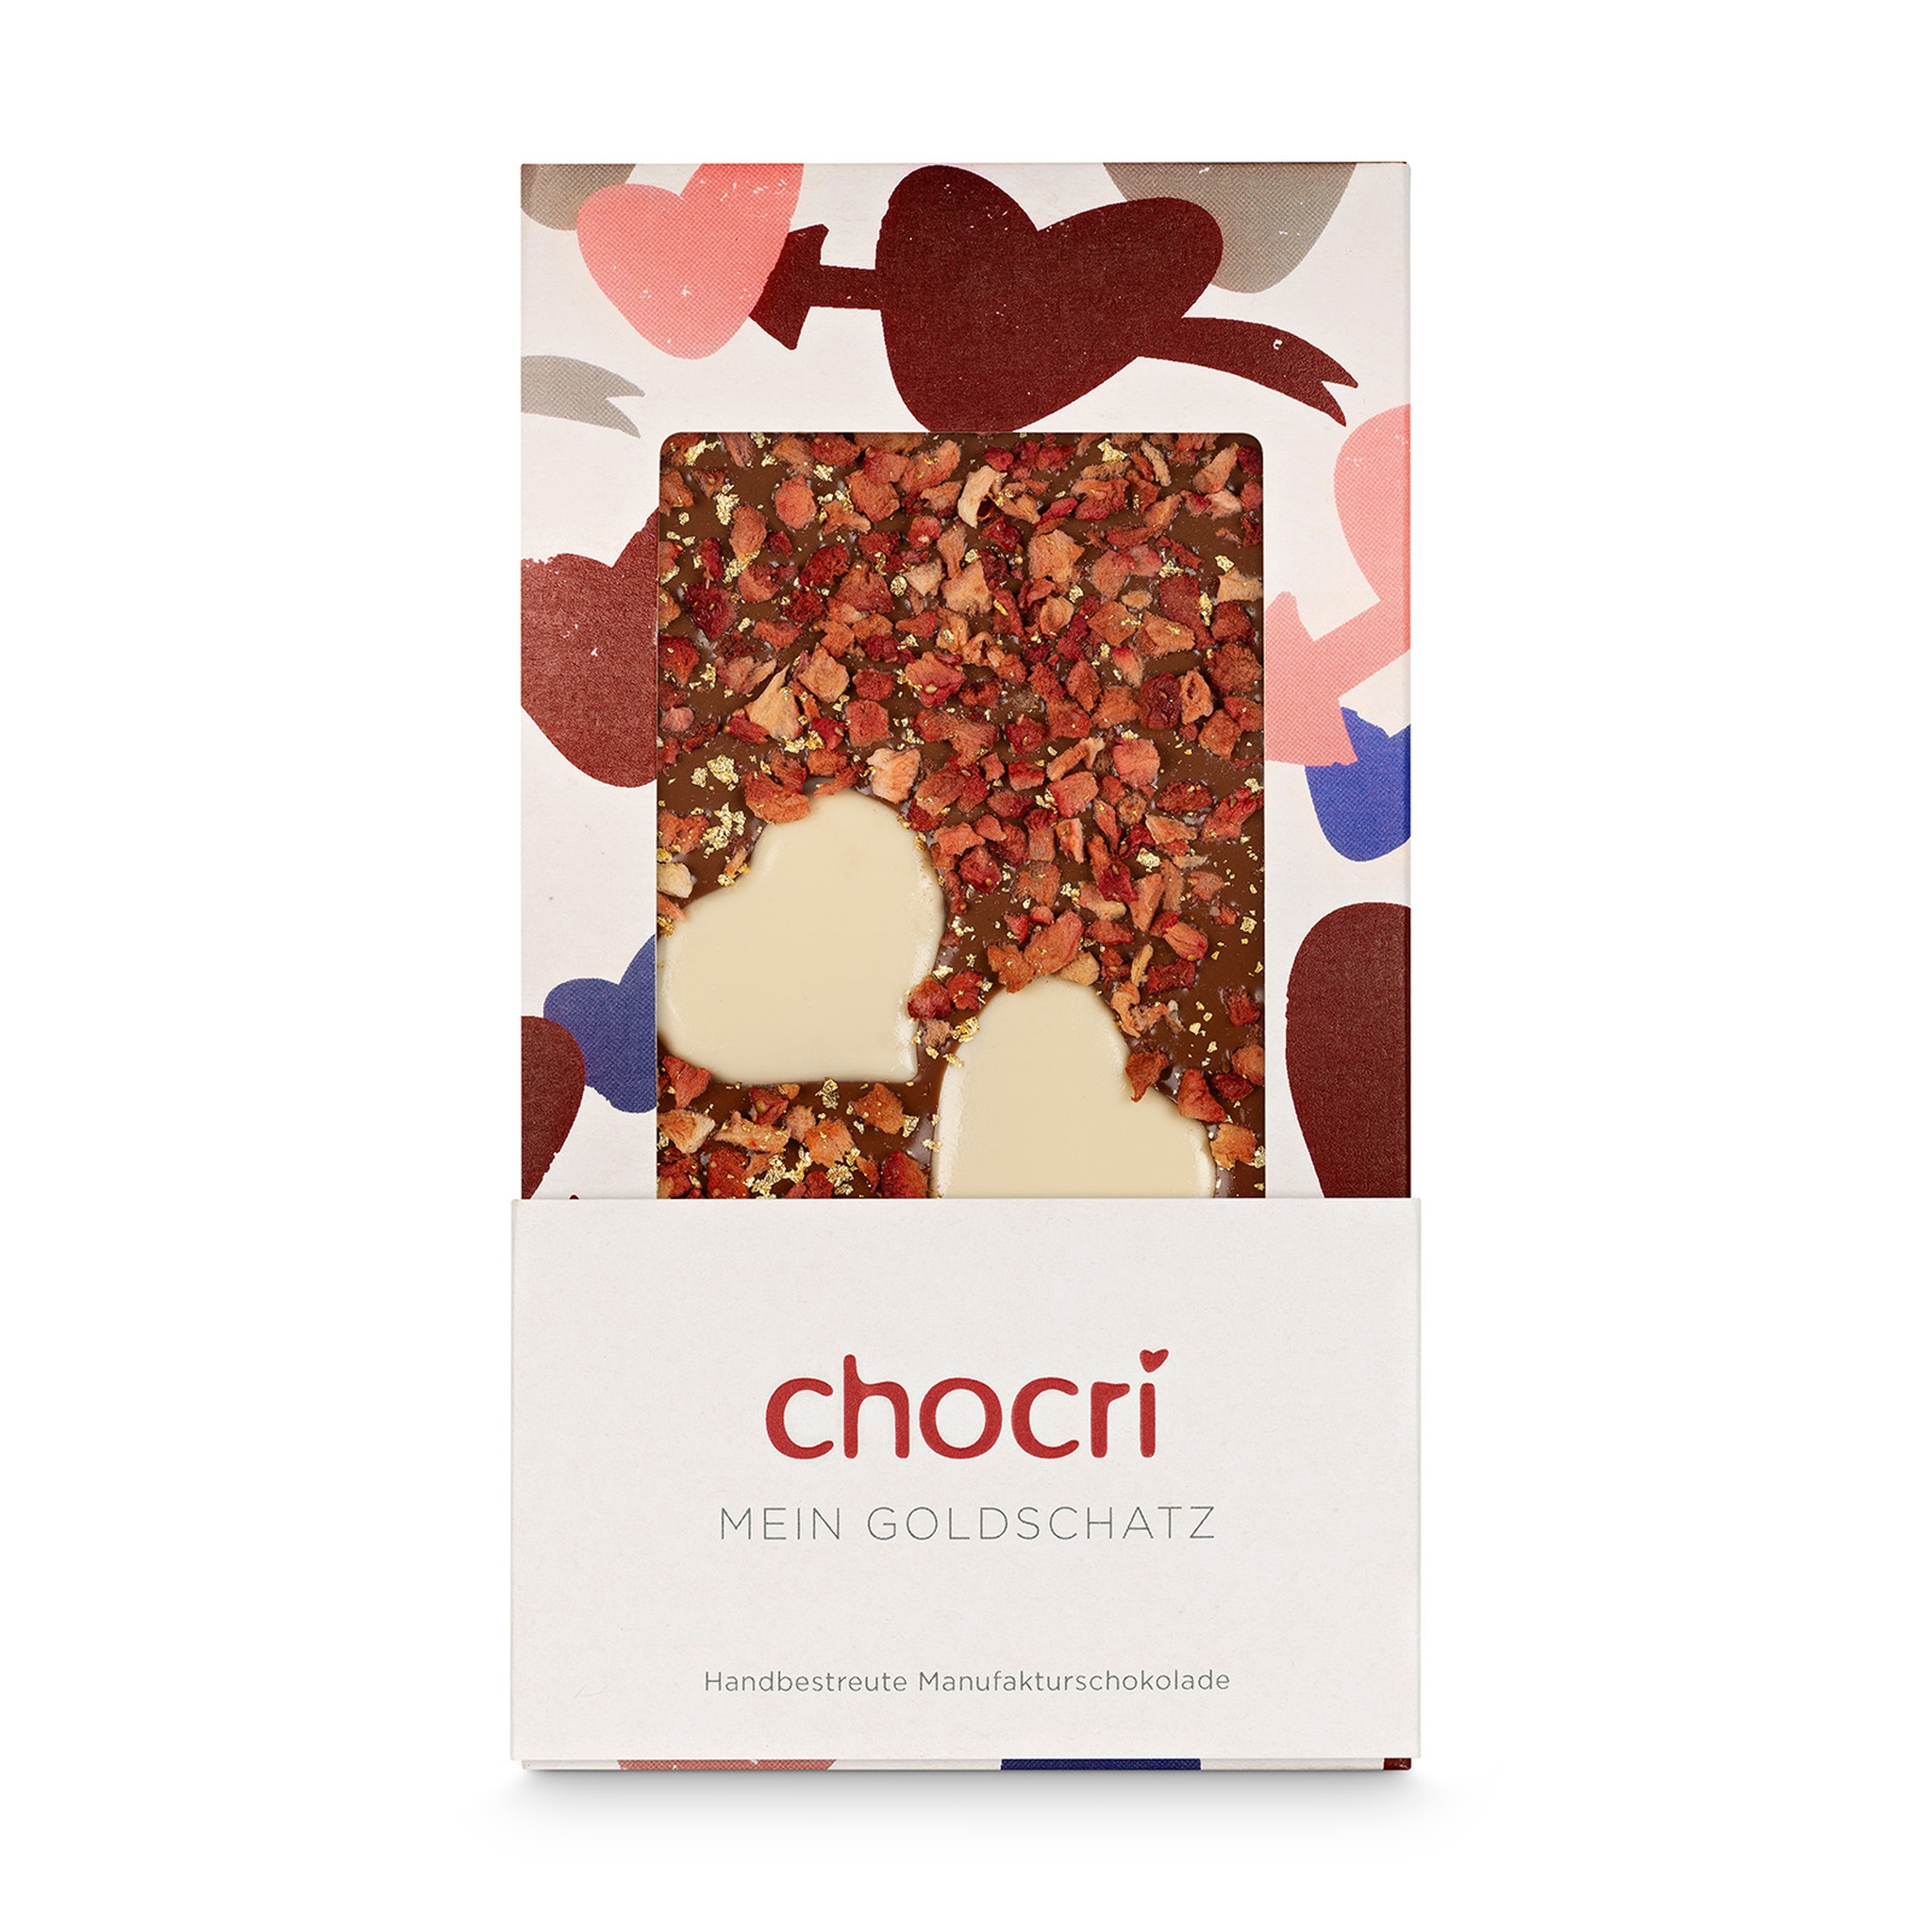 - chocri Mein Goldschatz Schokoladentafel - Onlineshop Chocri